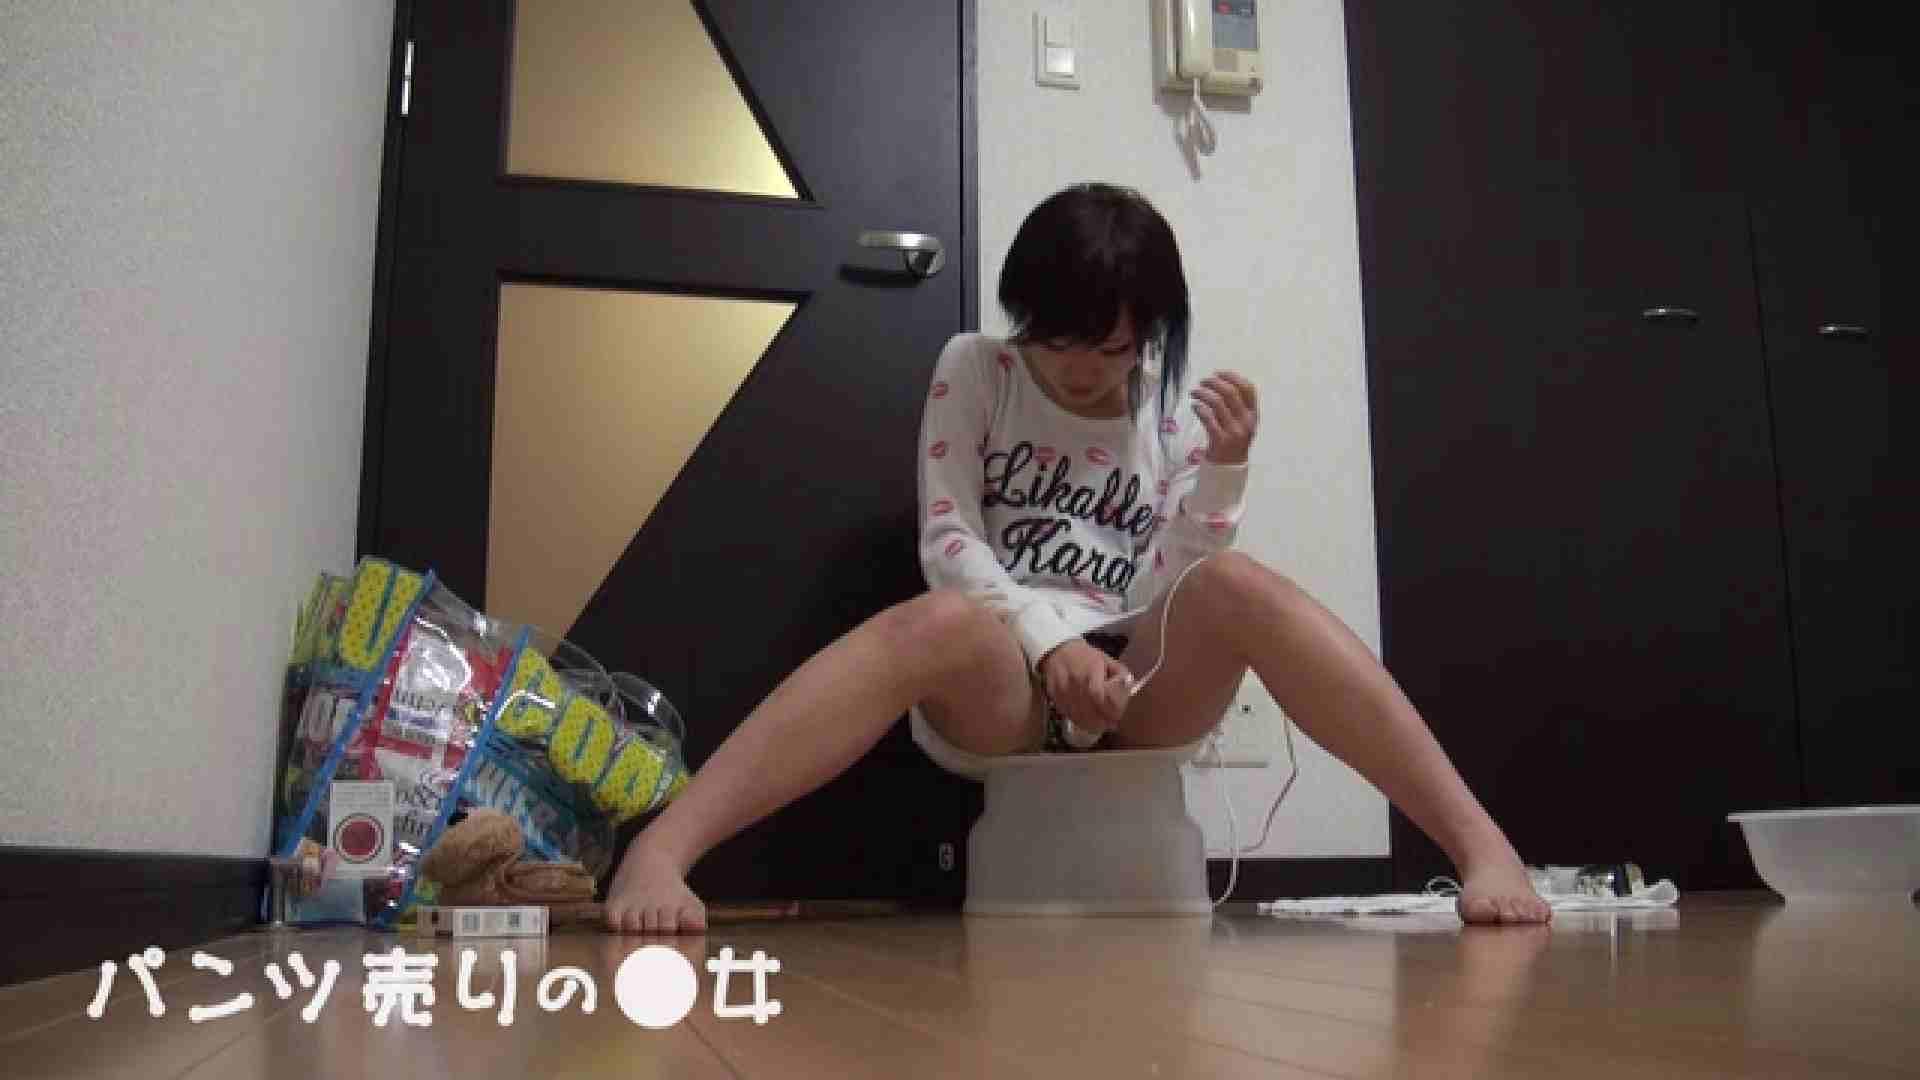 新説 パンツ売りの女の子nana パンツ  36連発 24